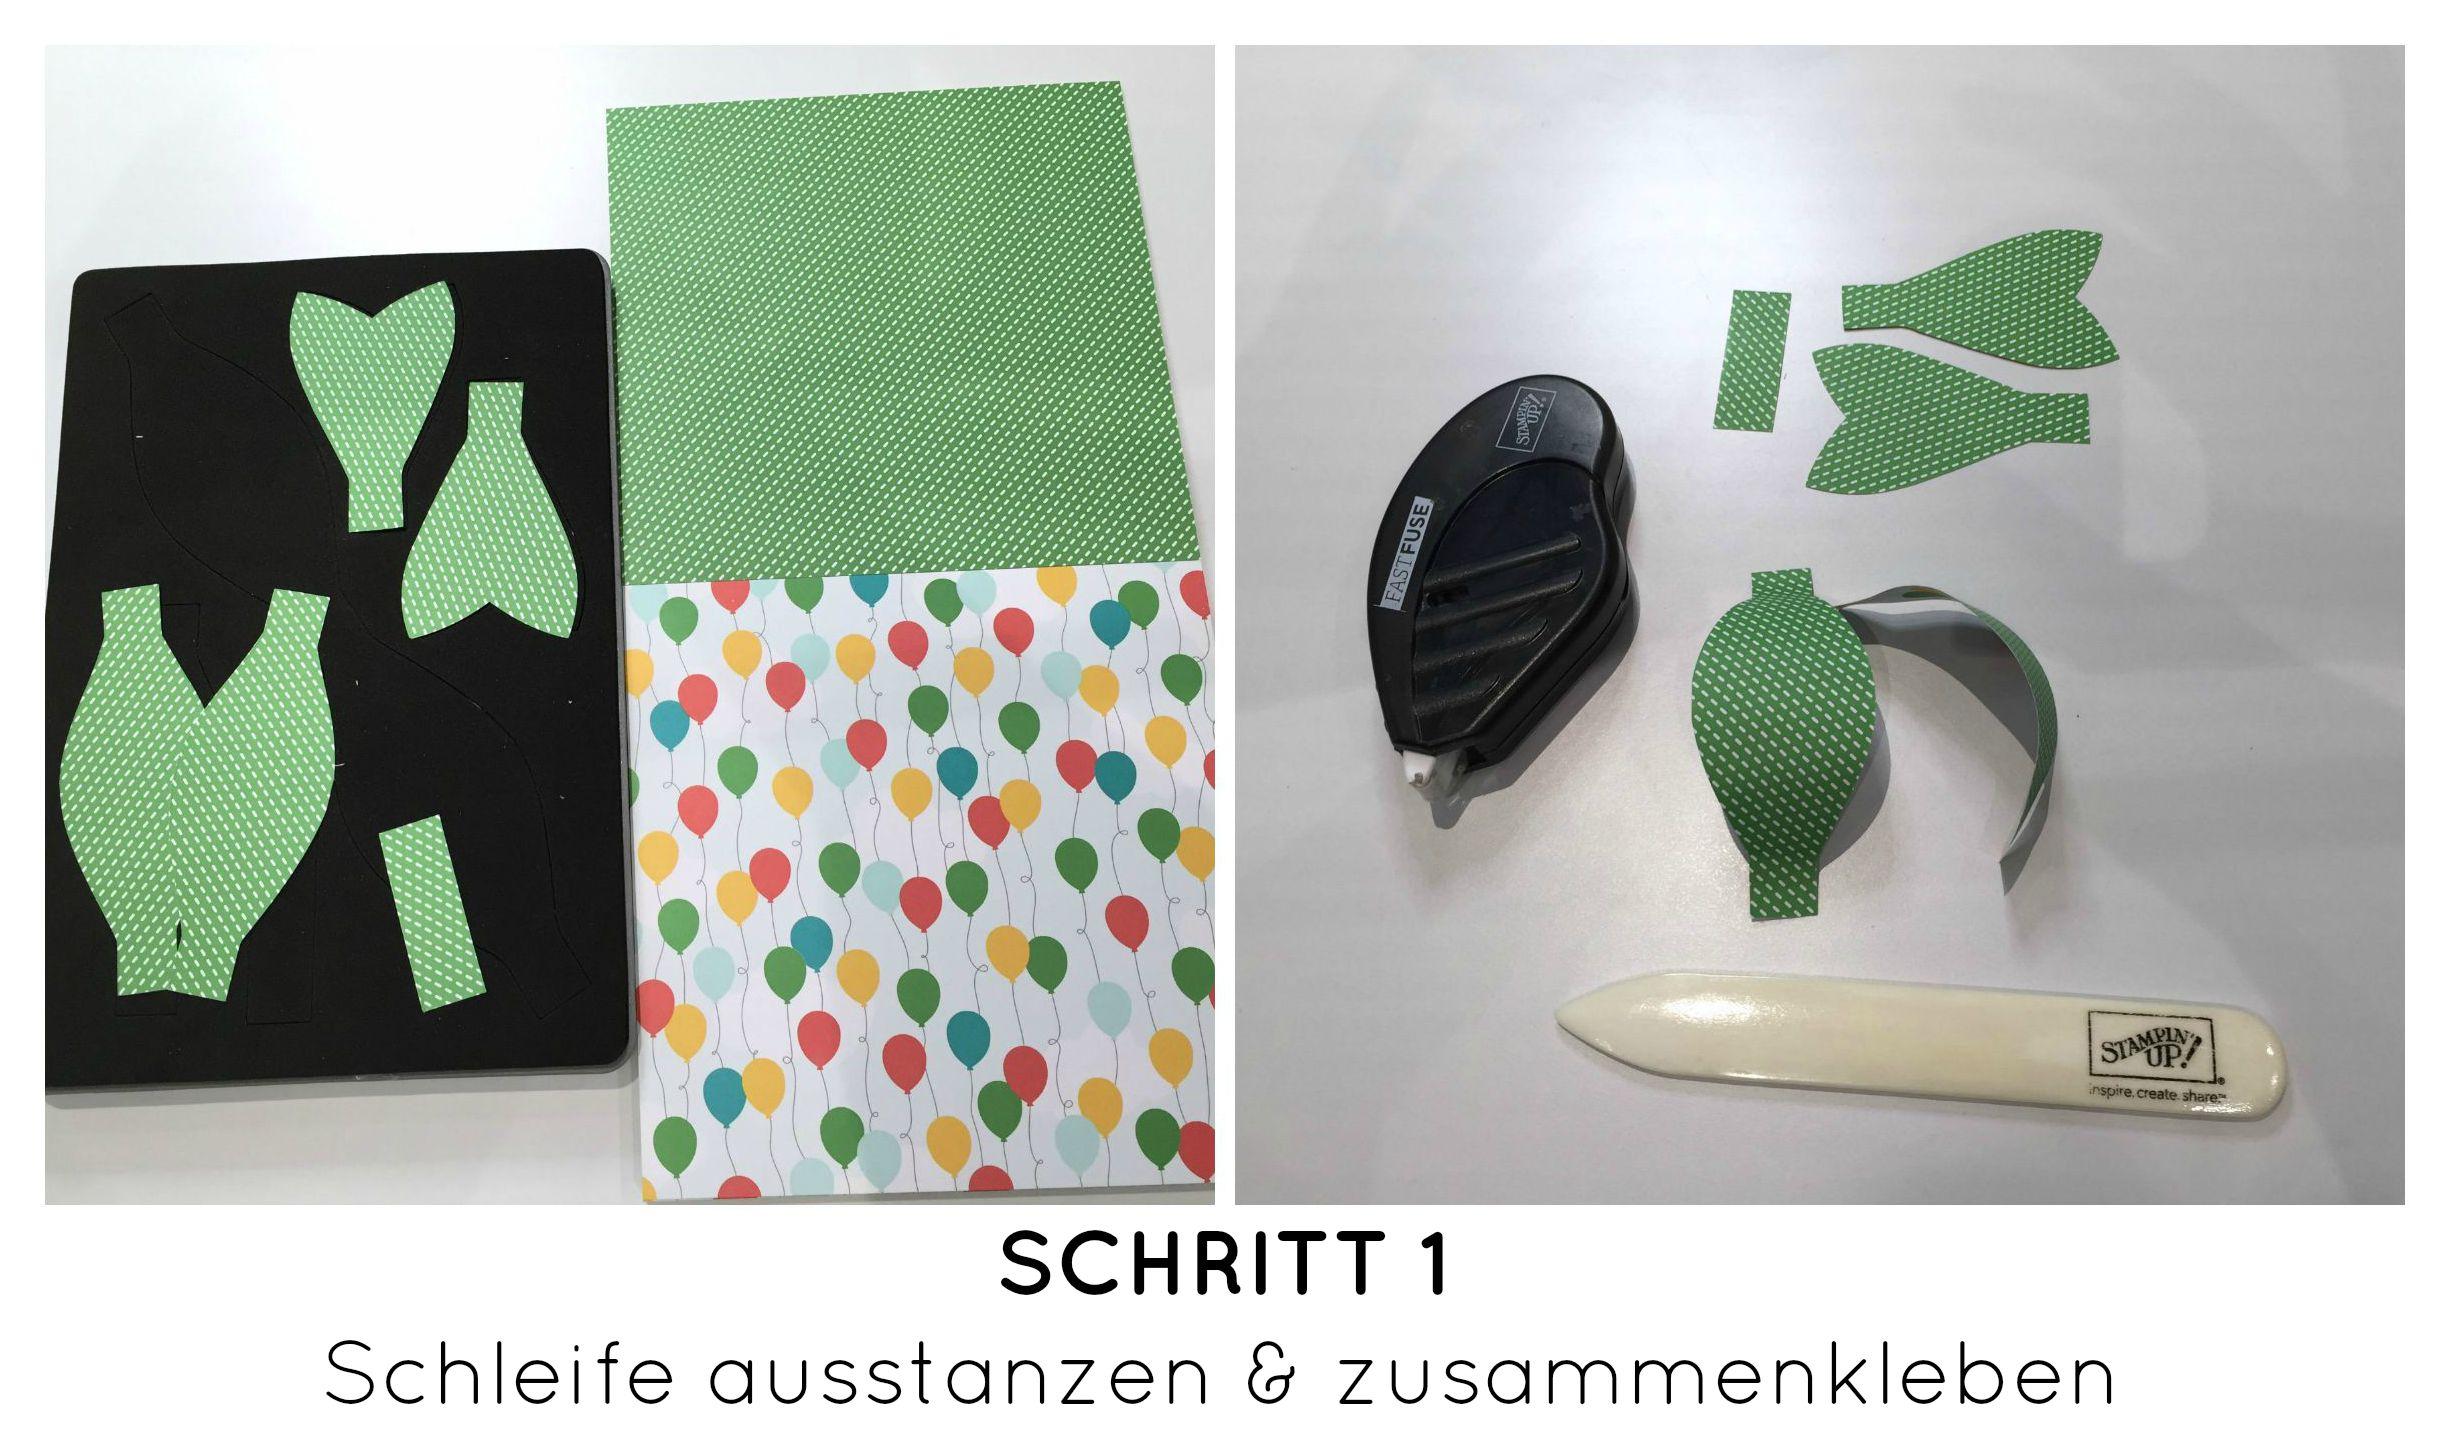 Stampin Up-Stempelherz-Geburtstag-Verpackung-Bag-Geburtstagskarte-Zeig es am Montag Geburtstagsset Sprinkles on Top - Schritt 01b